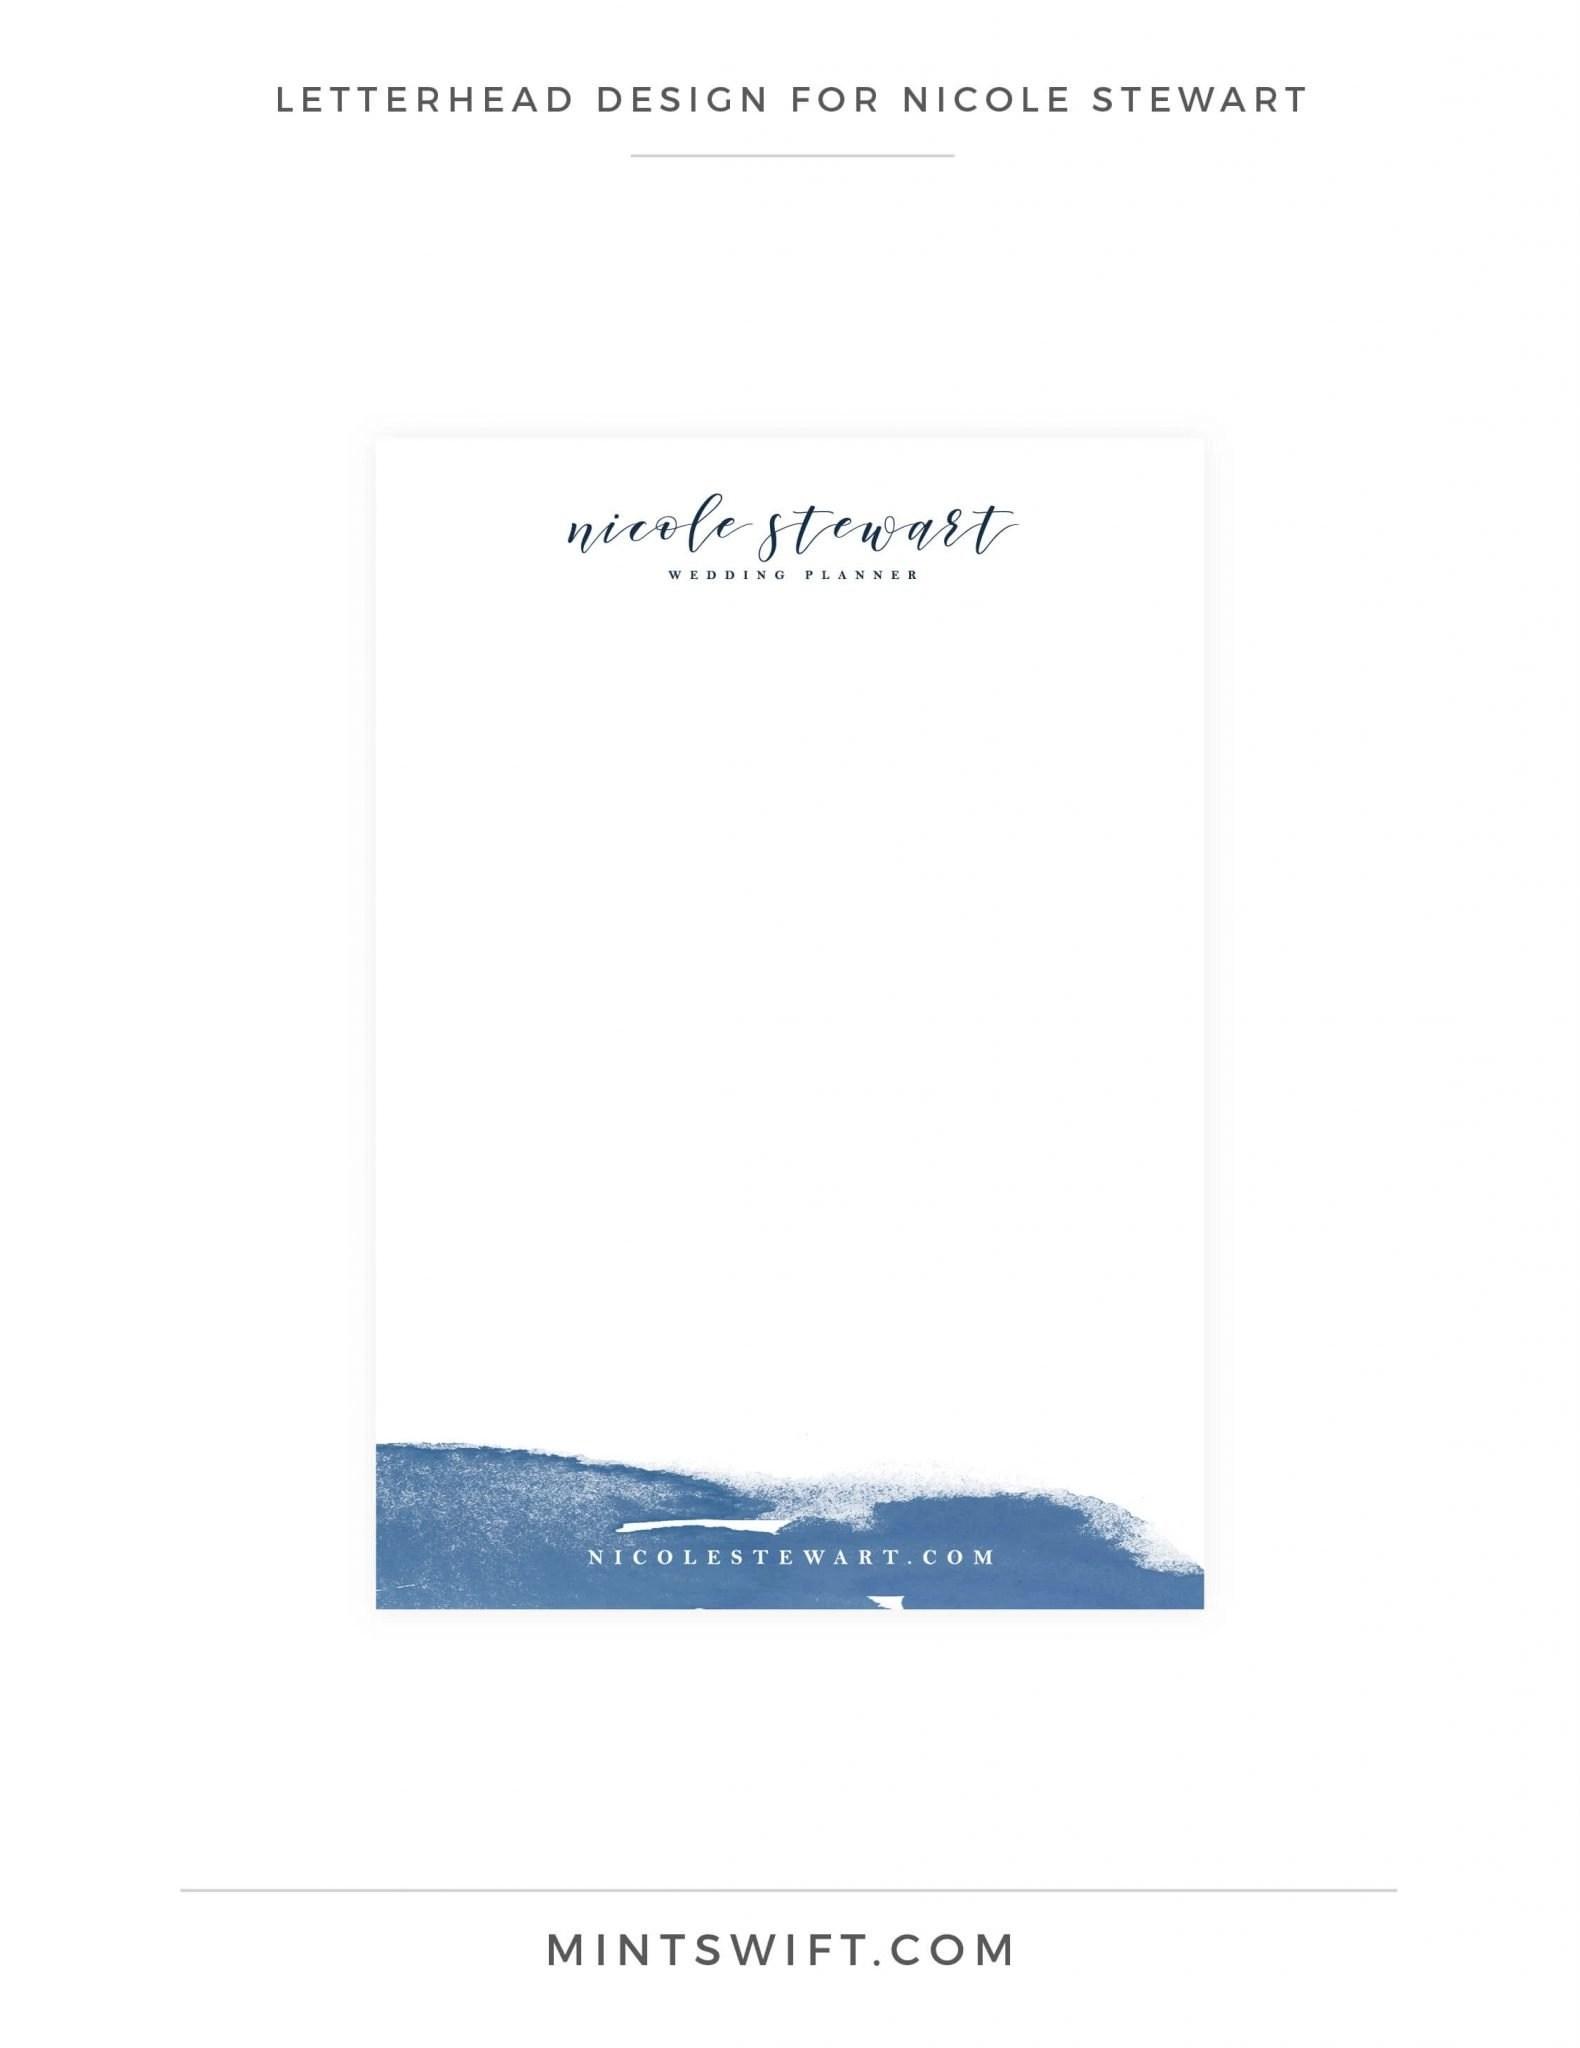 Nicole Stewart - Letterhead Design - Brand Design Package - MintSwift